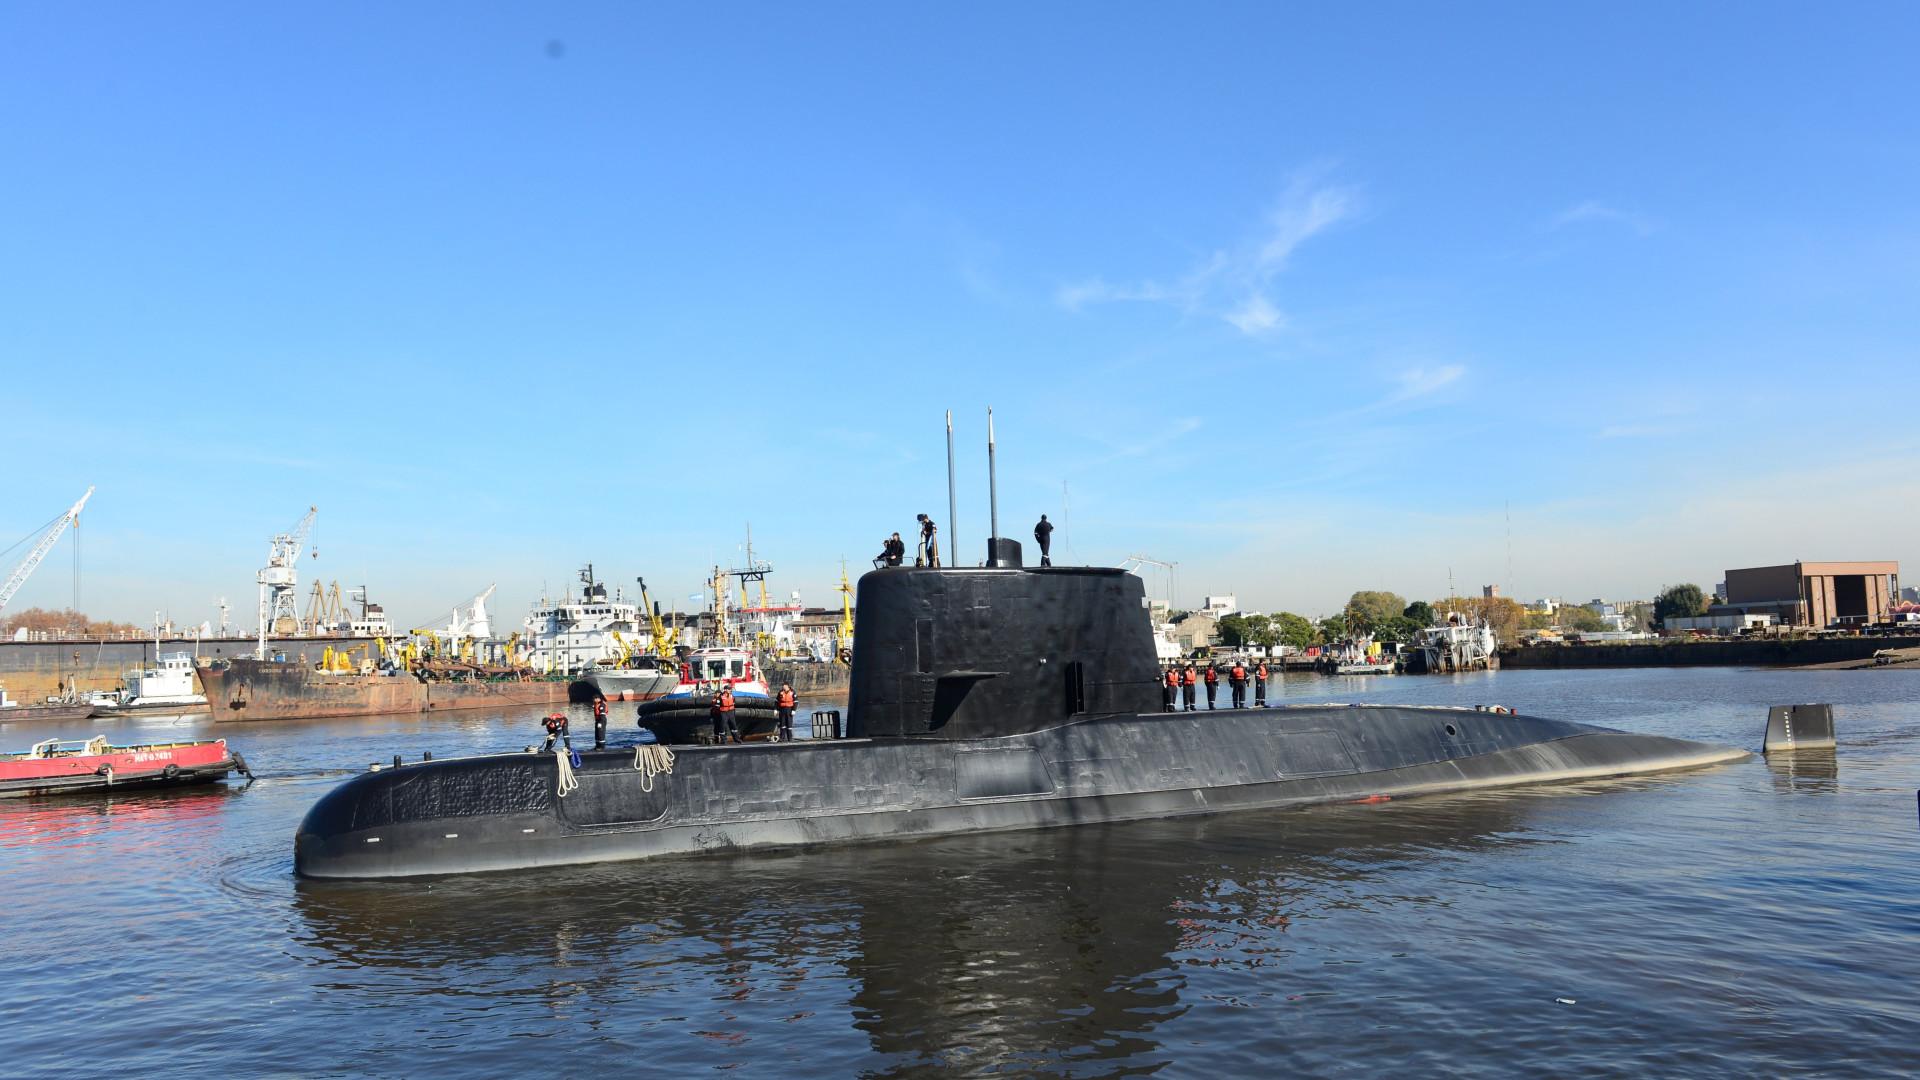 Submarino argentino desaparecido há um ano sofreu uma implosão